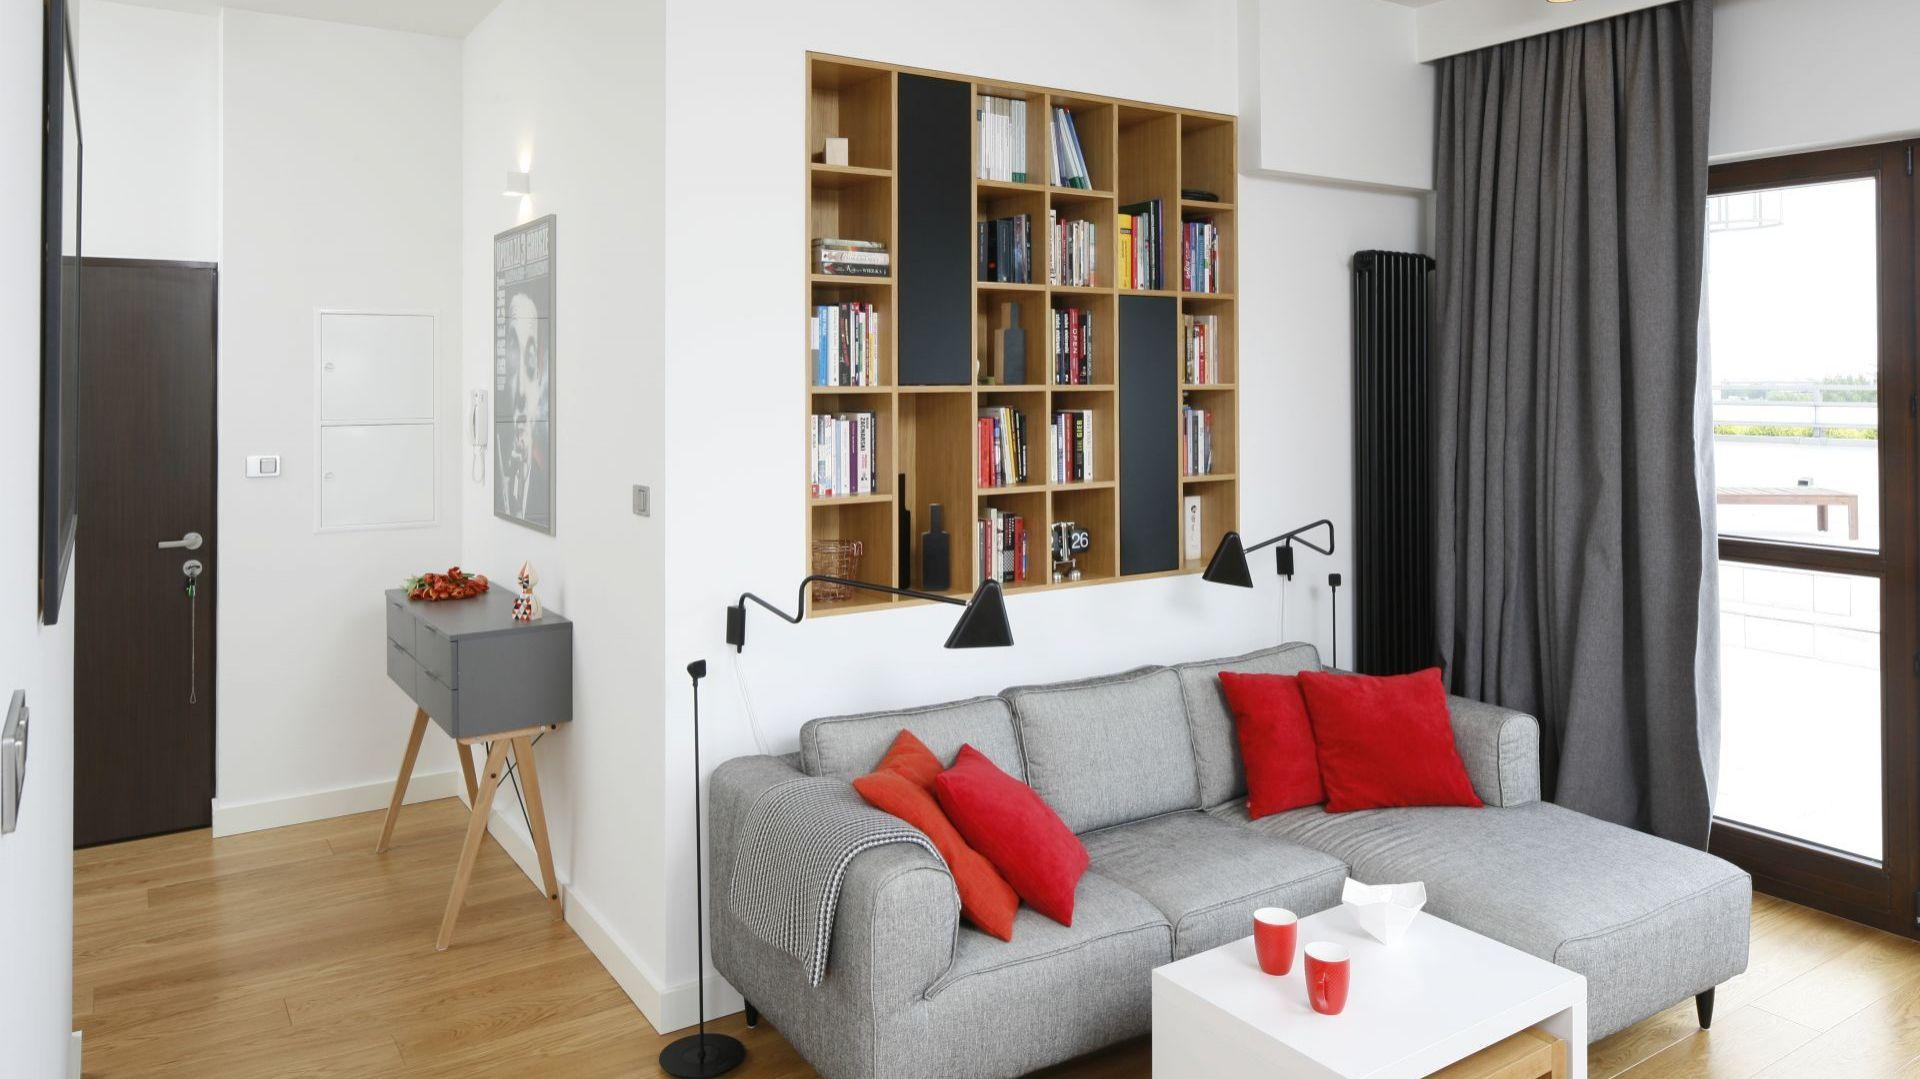 Półki w ścianie nie zabiorą cennej przestrzeni, ale za to zapewnią sporo miejsca do przechowywania. To również bardzo nowoczesny akcent w aranżacji salonu. Projekt Małgorzata Łyszczarz. Fot. Bartosz Jarosz